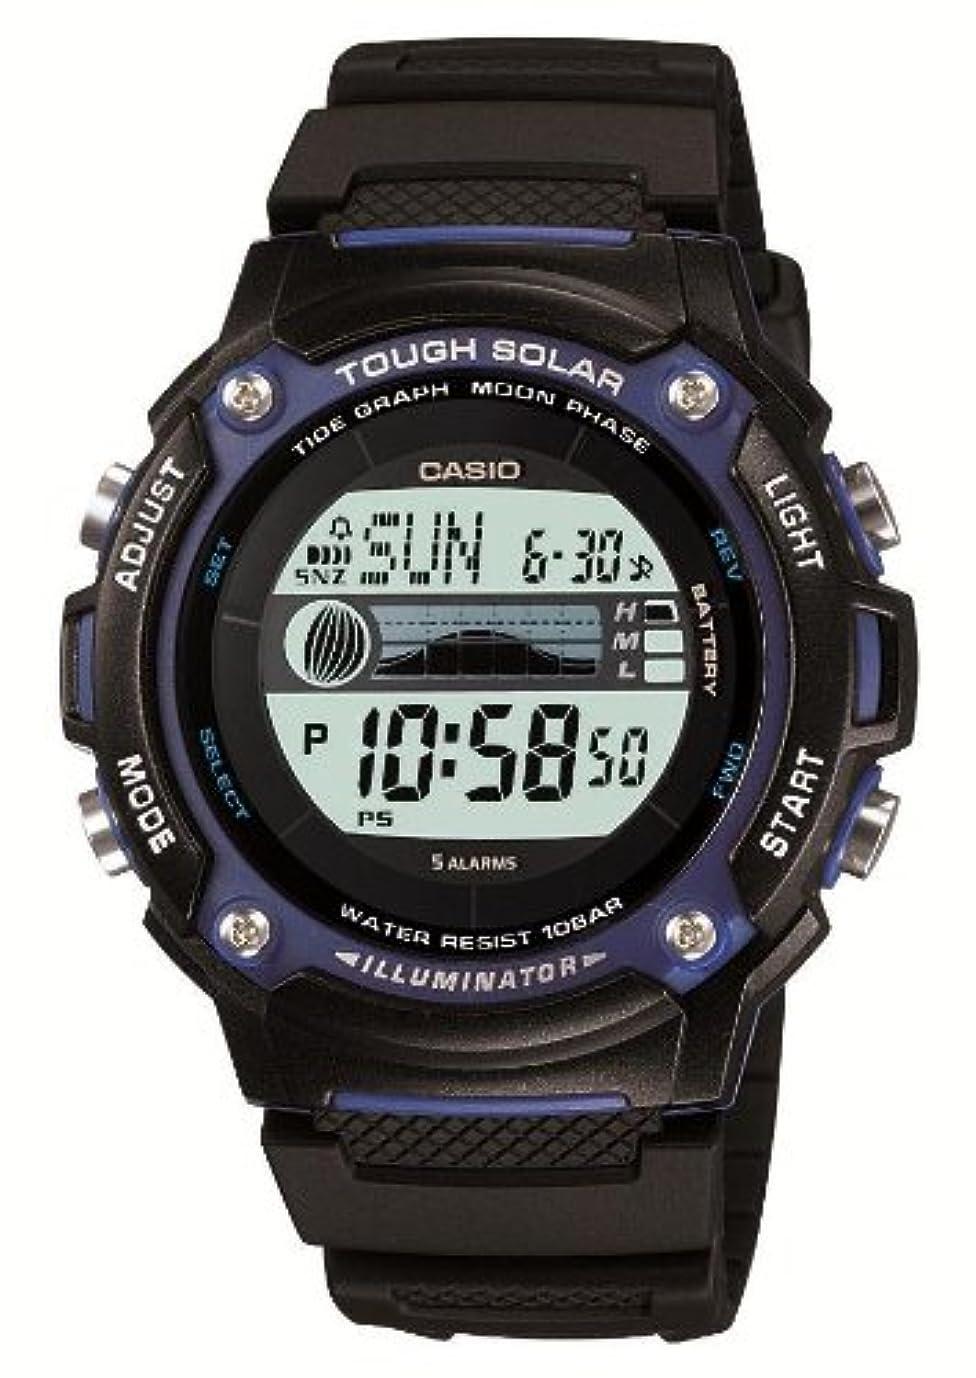 断言するレパートリー構想するTimever(タイムエバー)デジタル腕時計 メンズ 防水腕時計 led watch スポーツウォッチ アラーム ストップウォッチ機能 防水時計 文字が大きくて見やすい 日本語取扱説明書付き